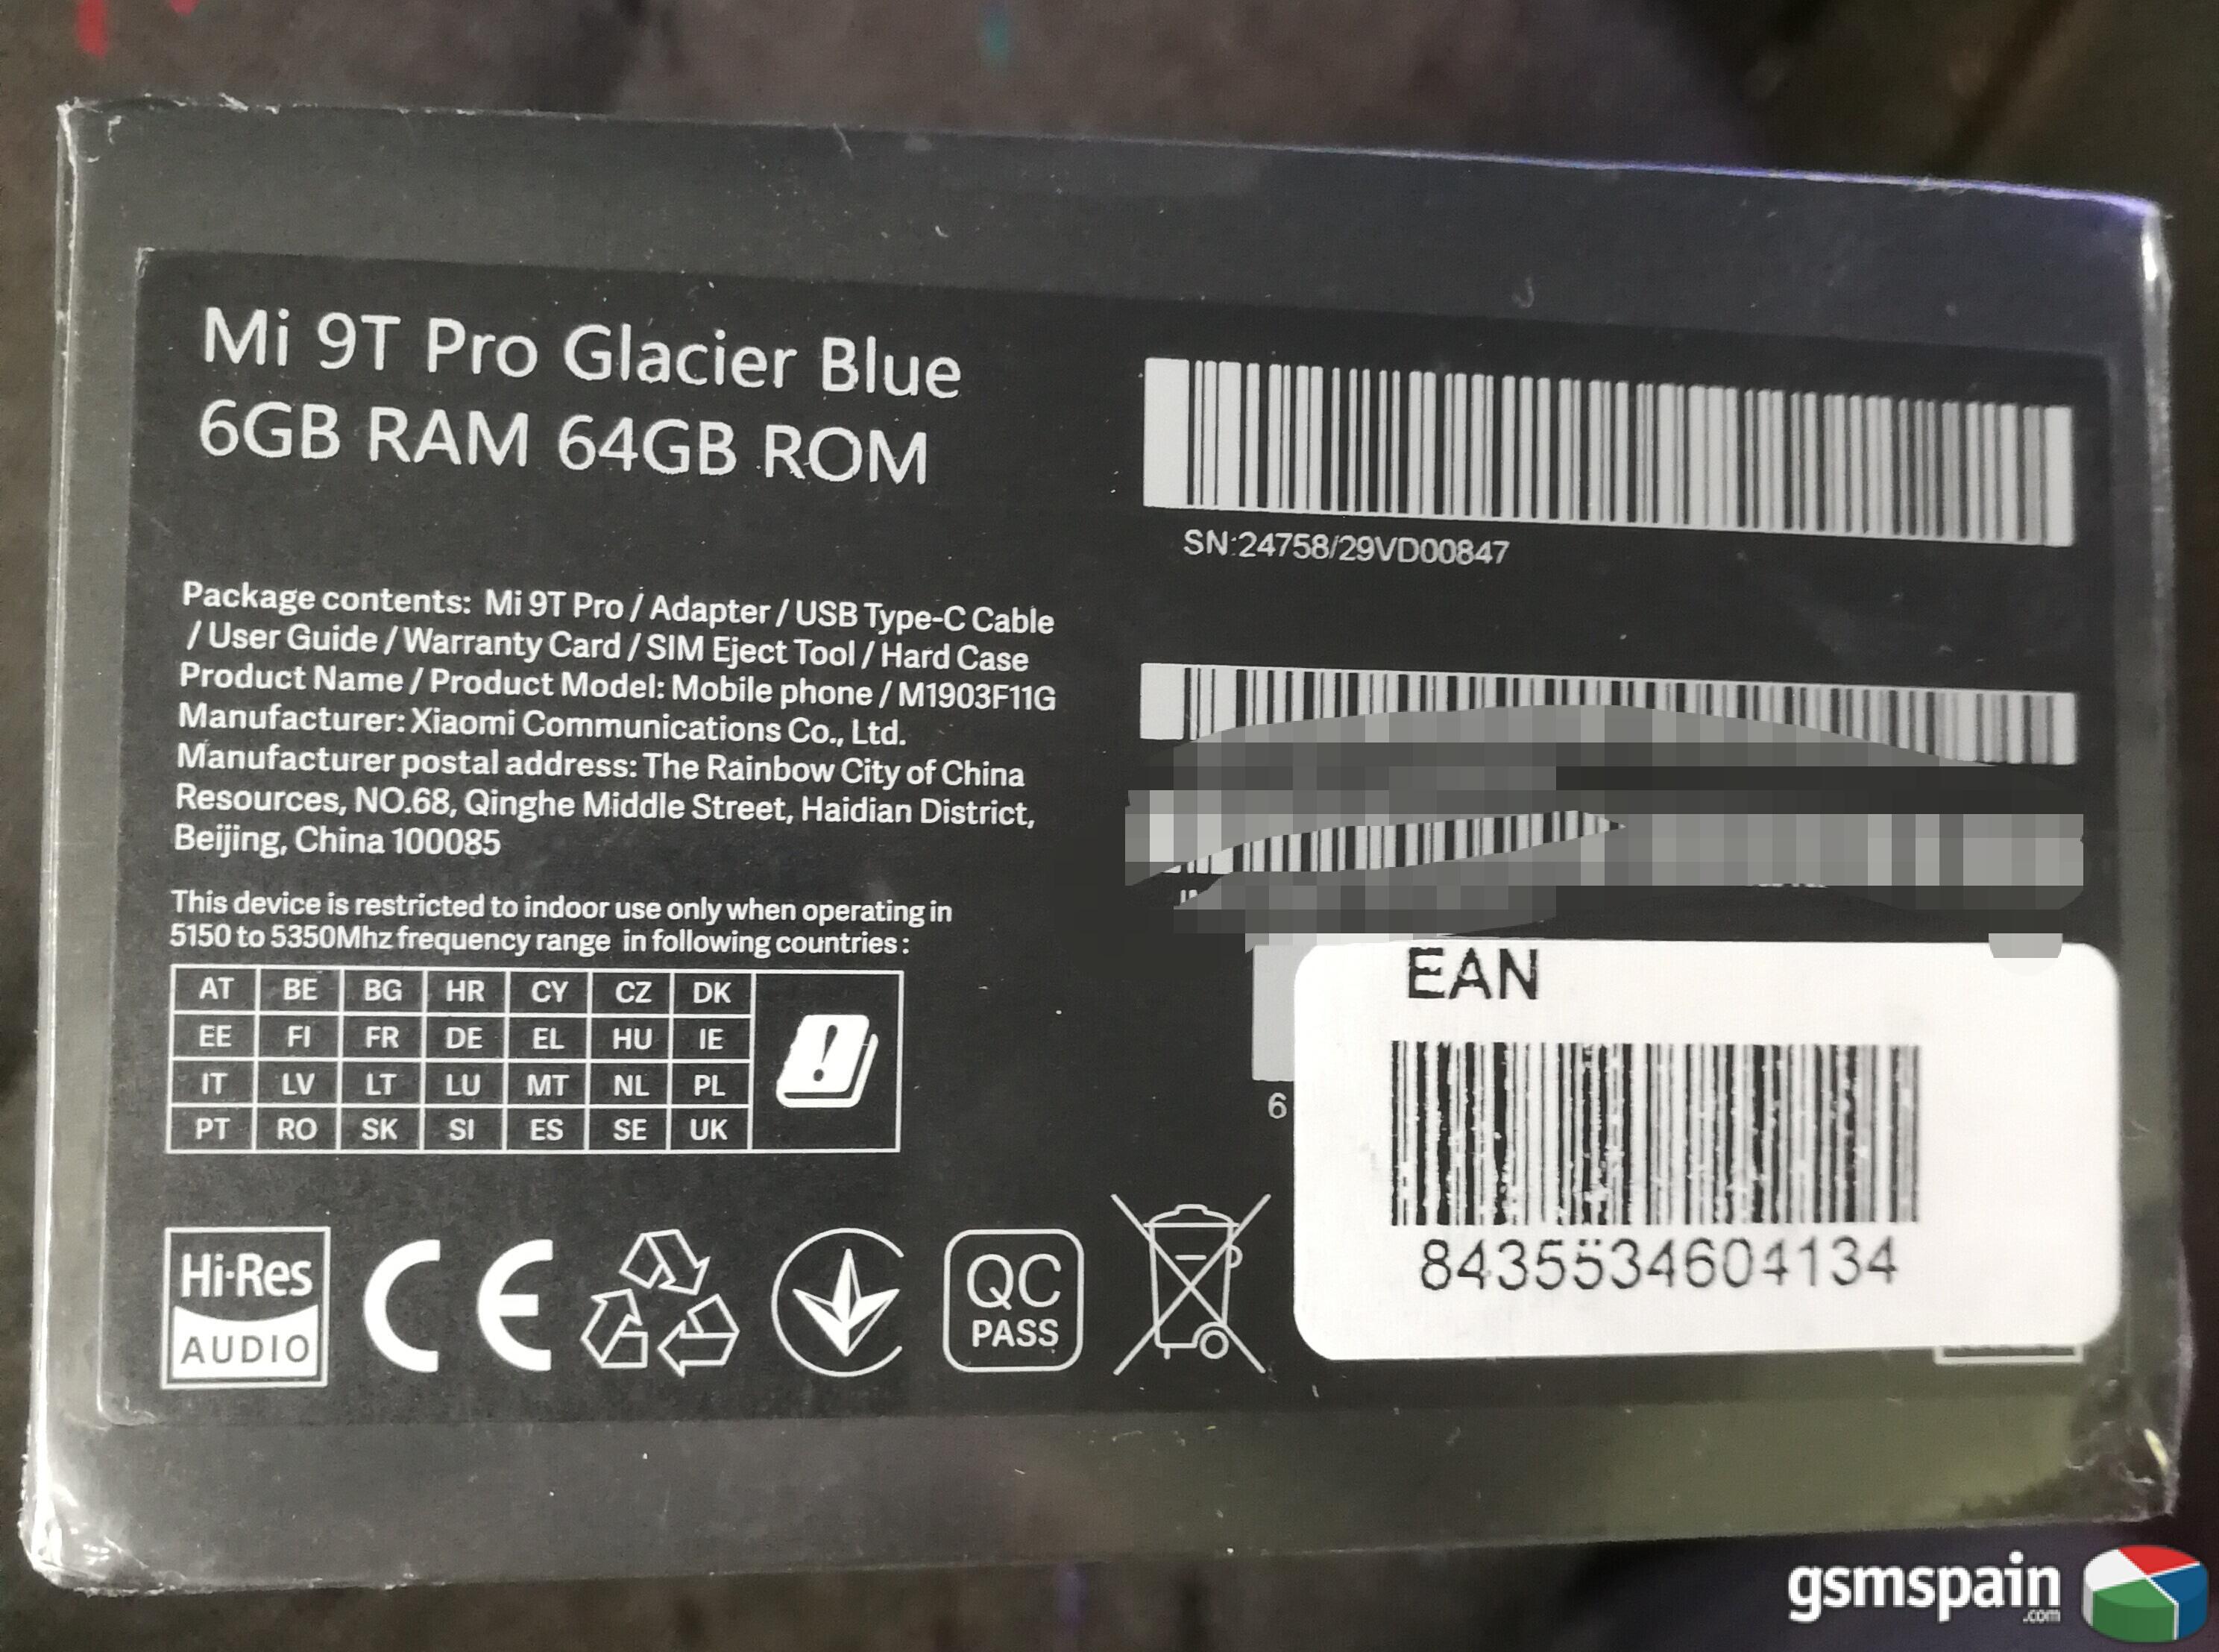 [CAMBIO] Xiaomi MI9t PRO